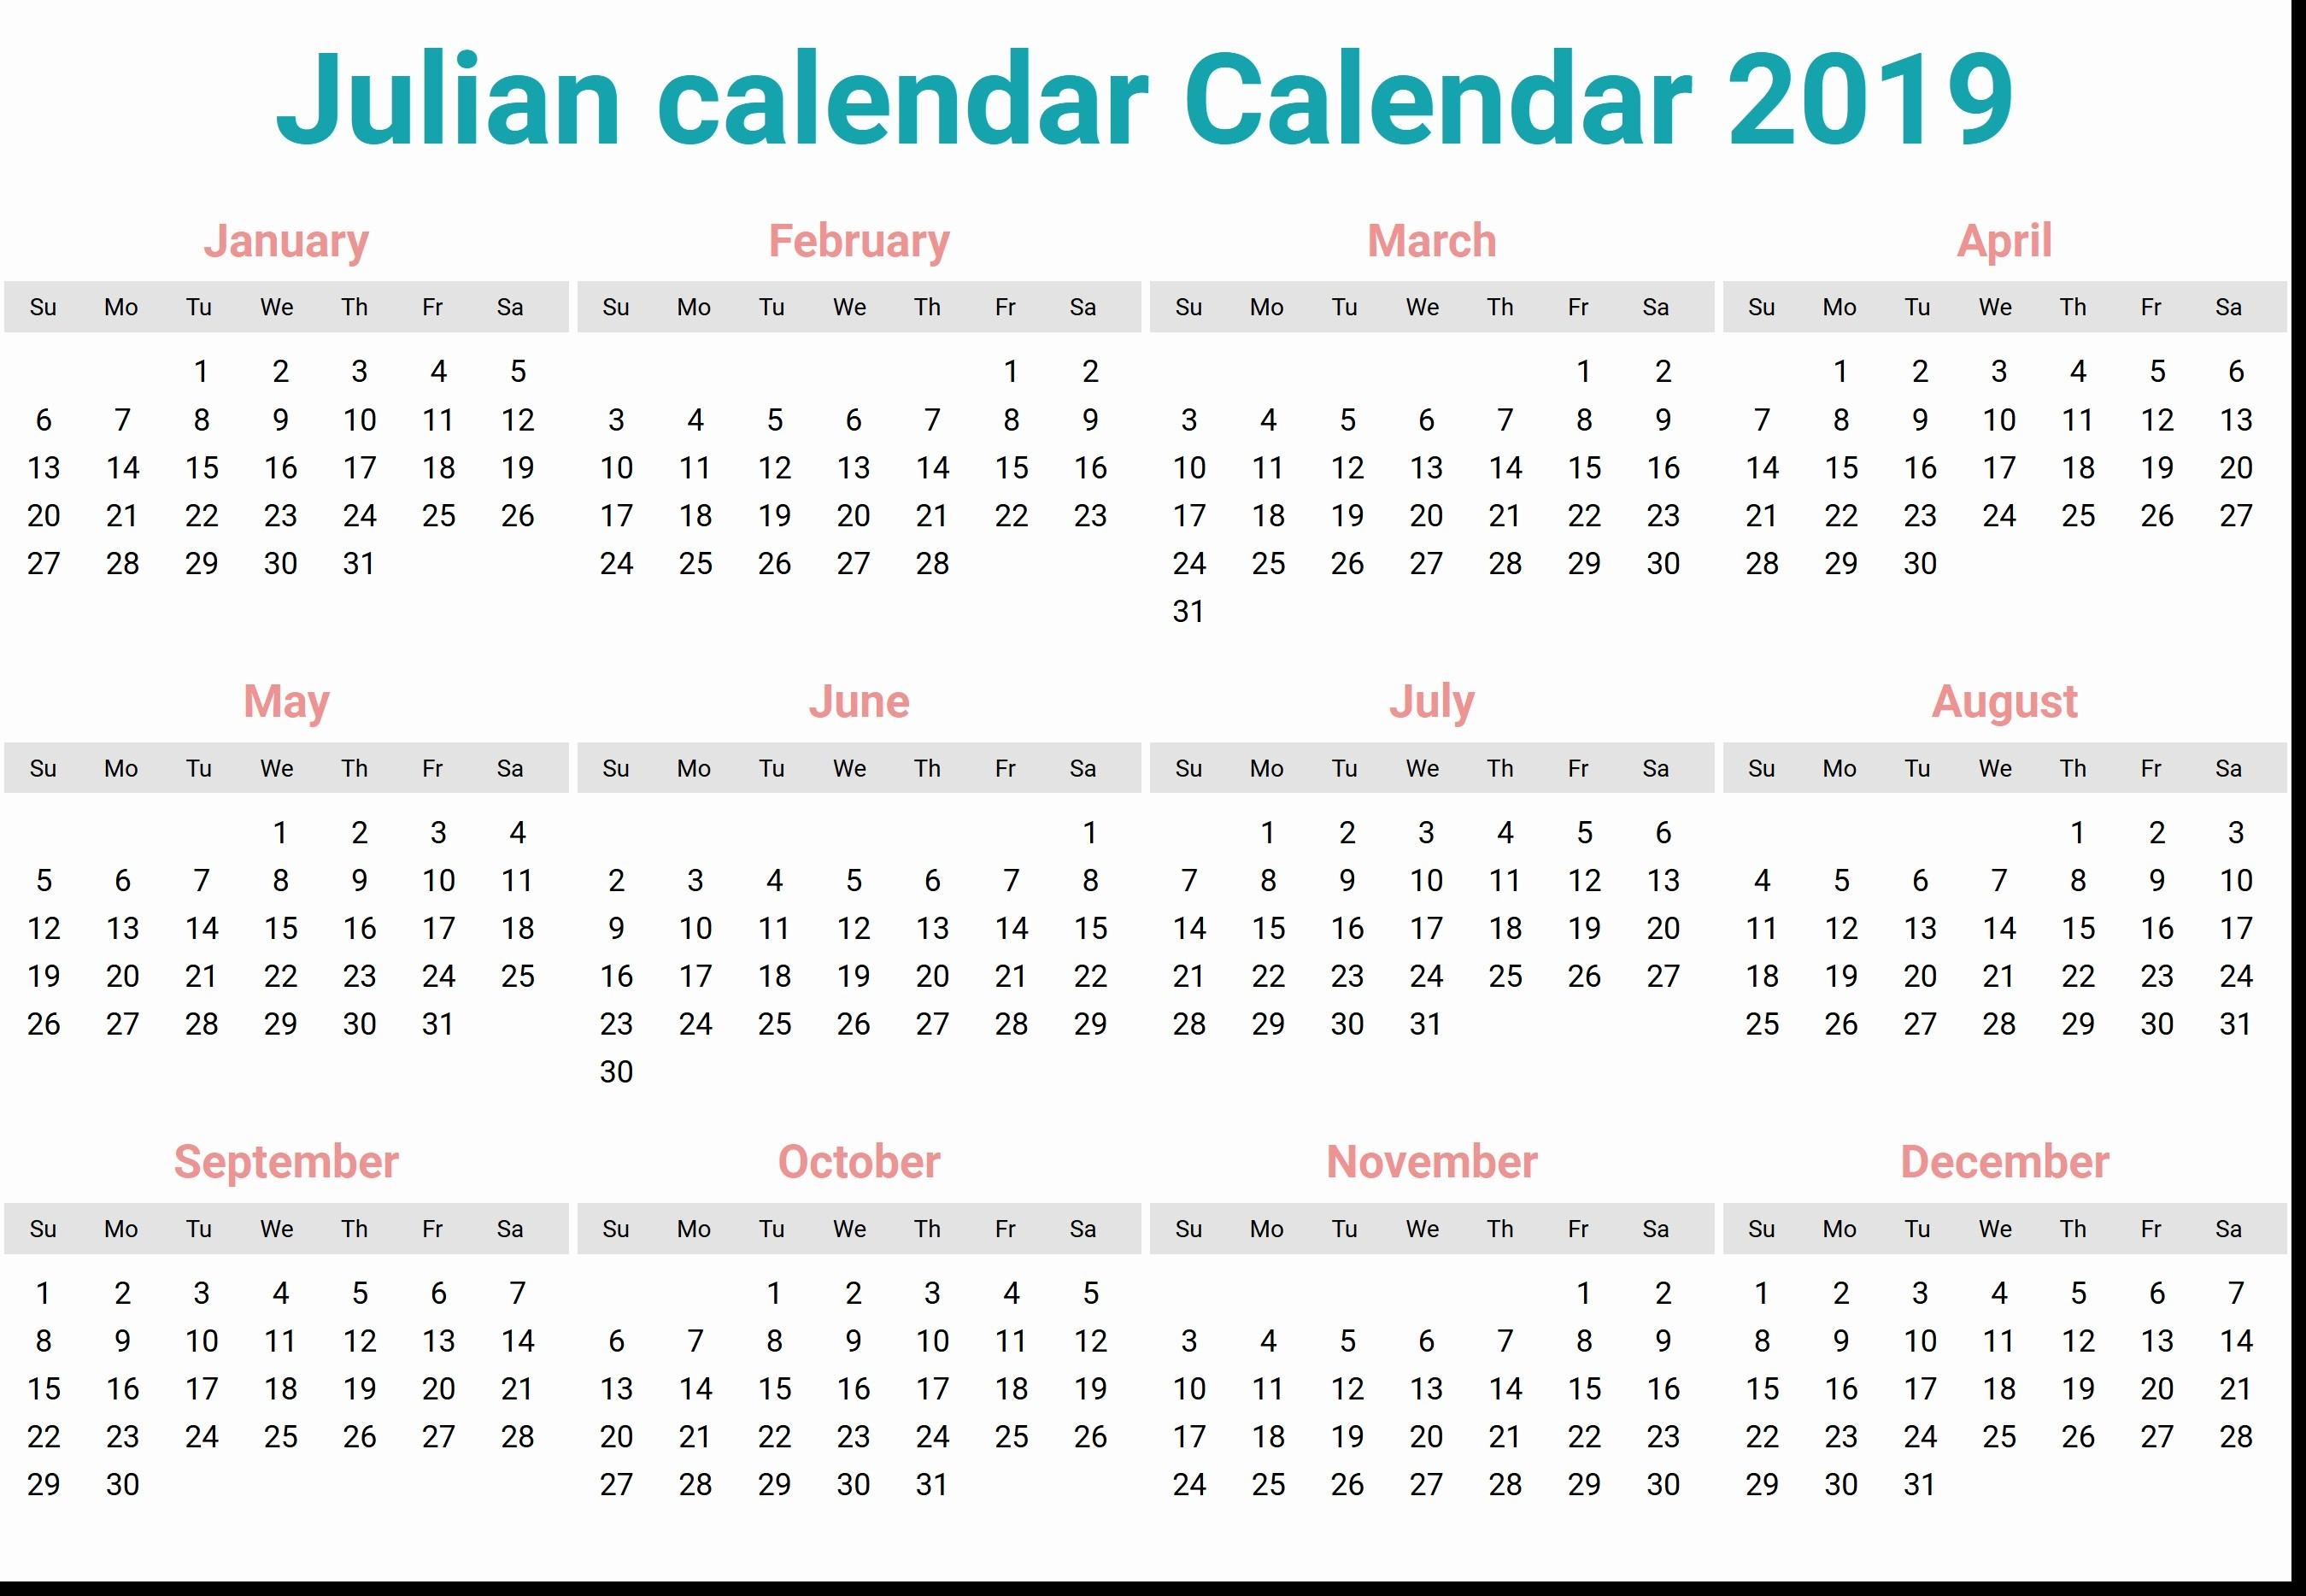 Julian Date Calendar 10 2699X1868 - Bi-Brucker-Holz.de  Military Julian Date Calendar 2020